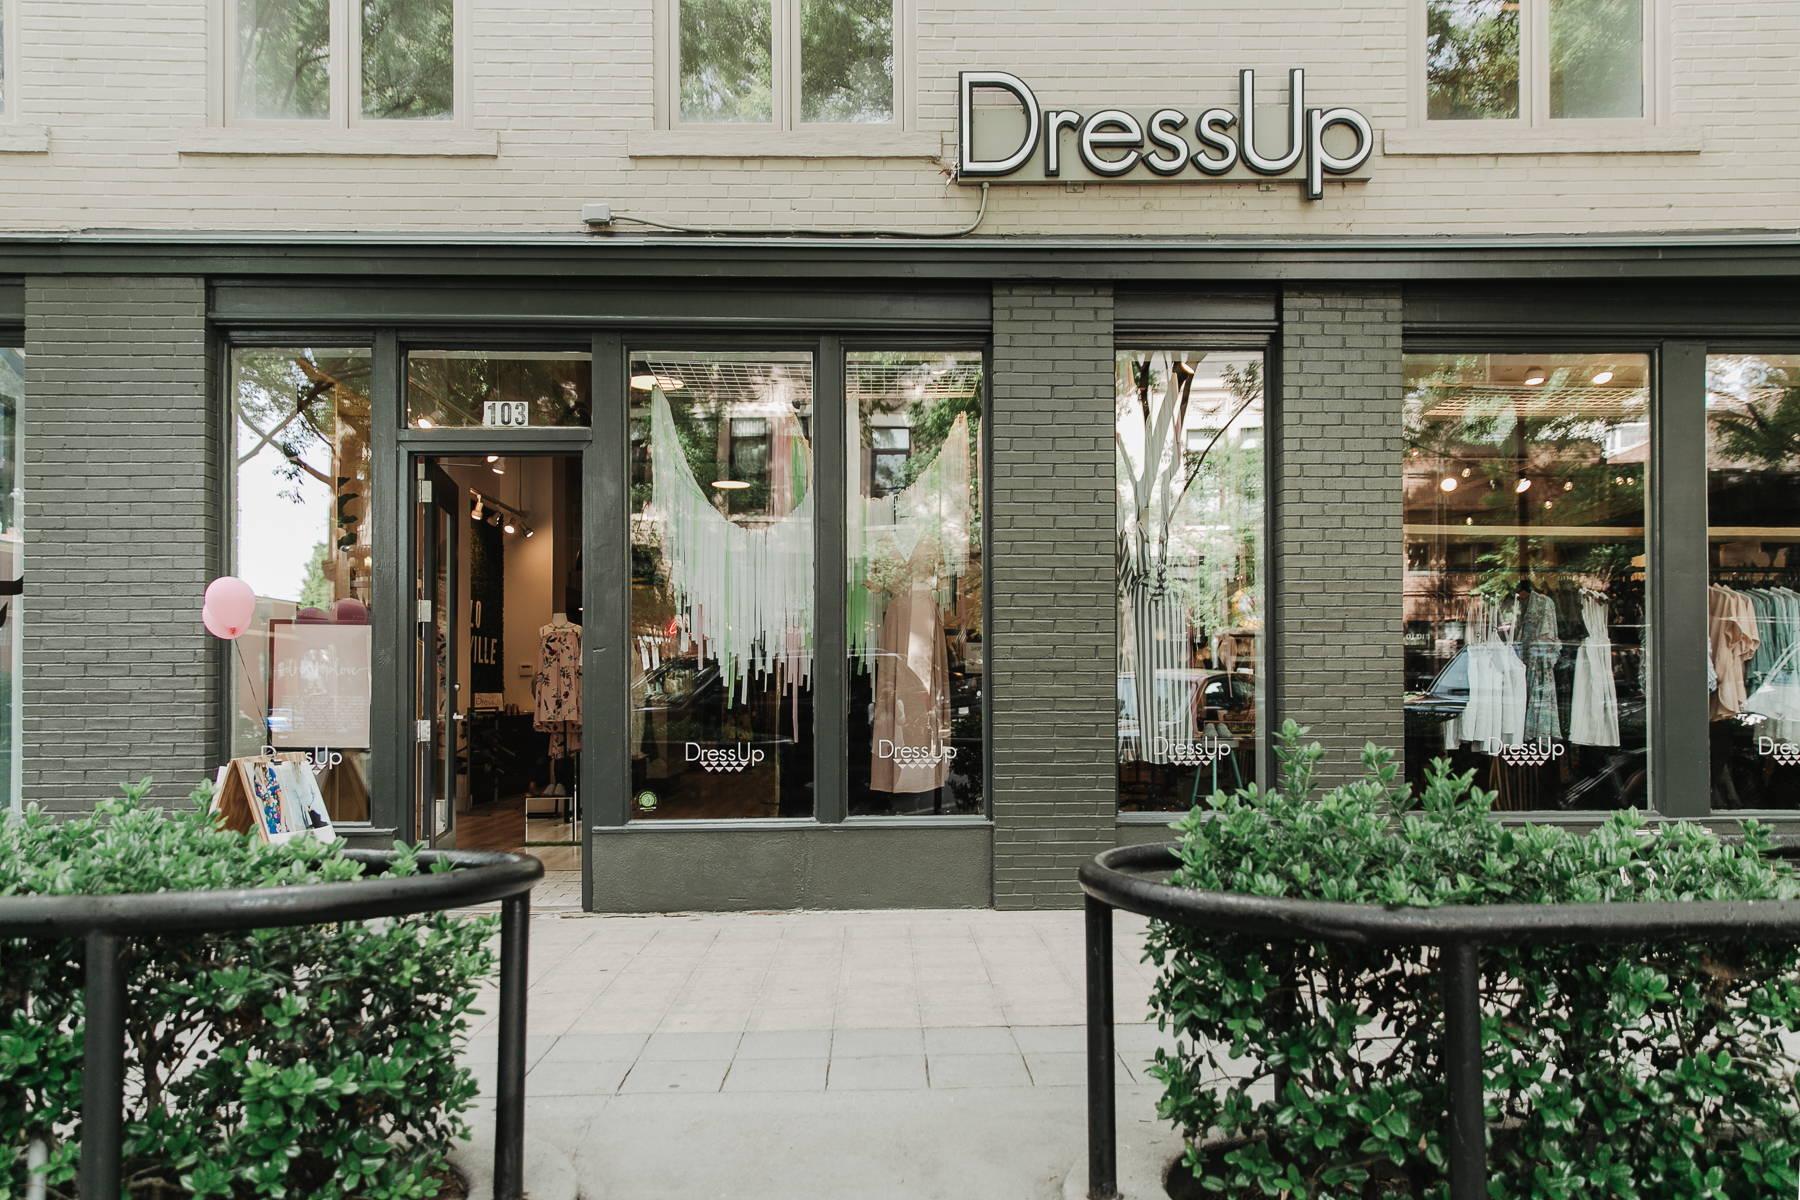 Dress Up Greenville storefront